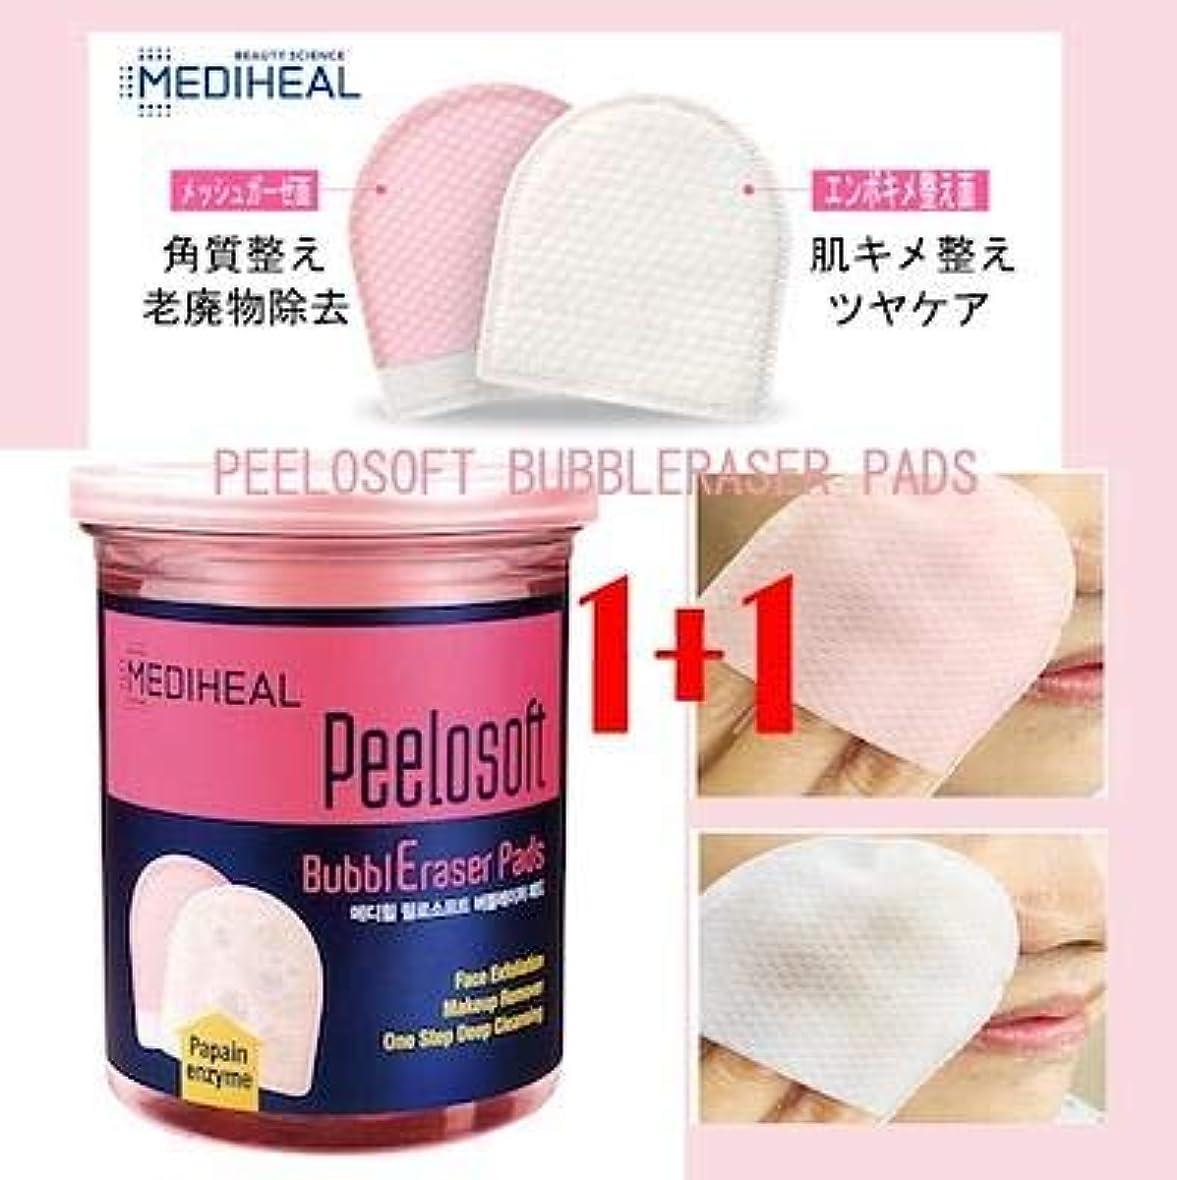 レビューホテル機械[MEDIHEAL] 1+1 メディヒール Peelosoft BubblEraser Pads ピローソフト バブルレーザー パッド [20枚+ 20枚]